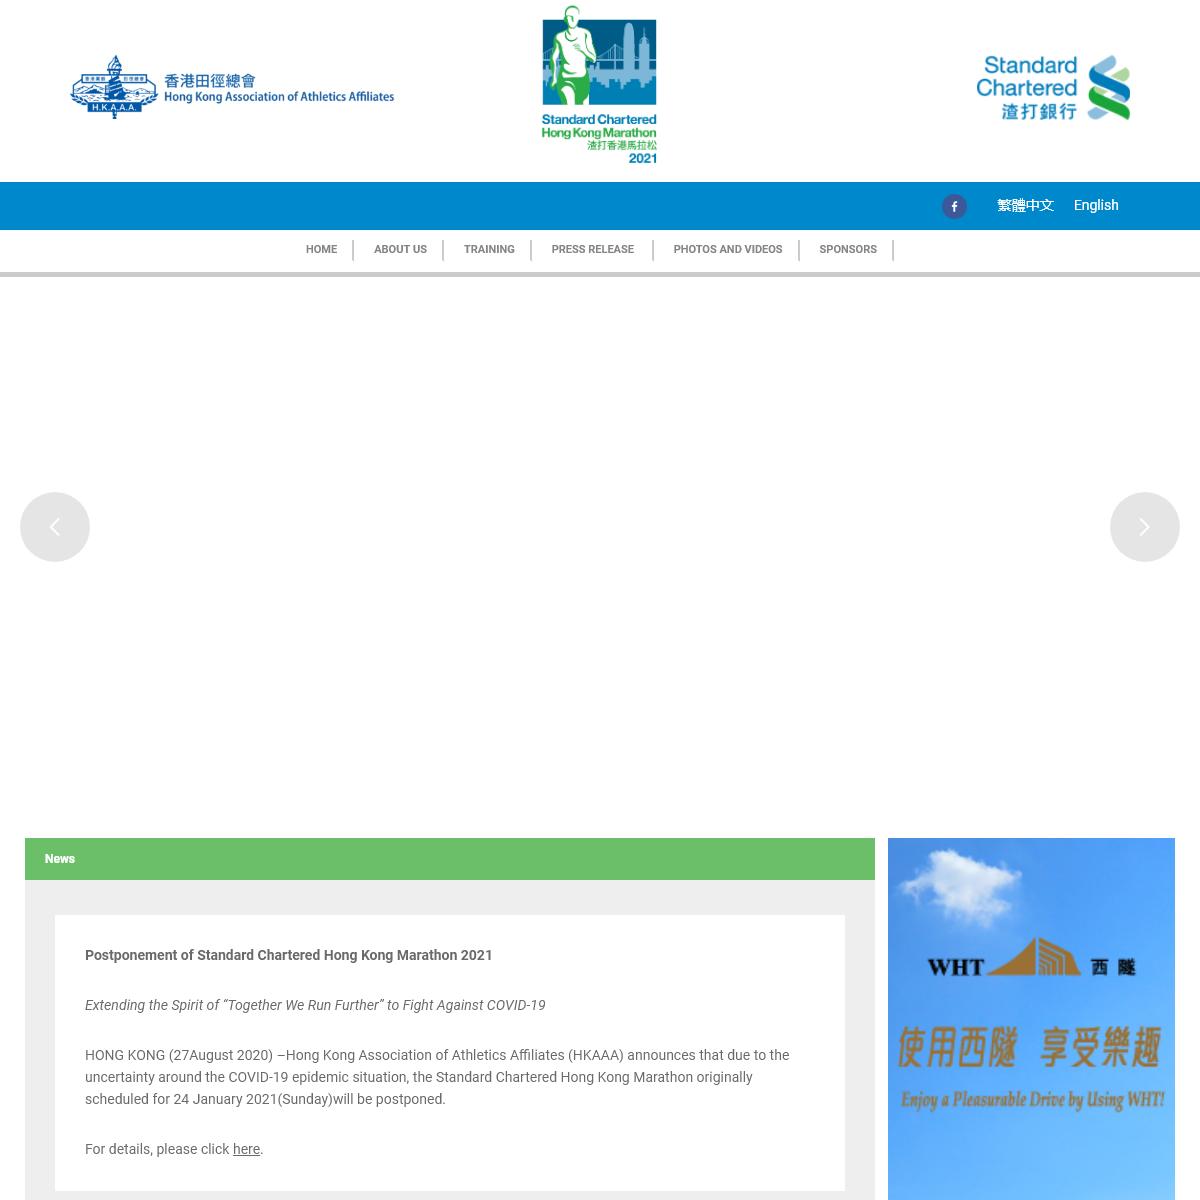 Standard Chartered Hong Kong Marathon 2021